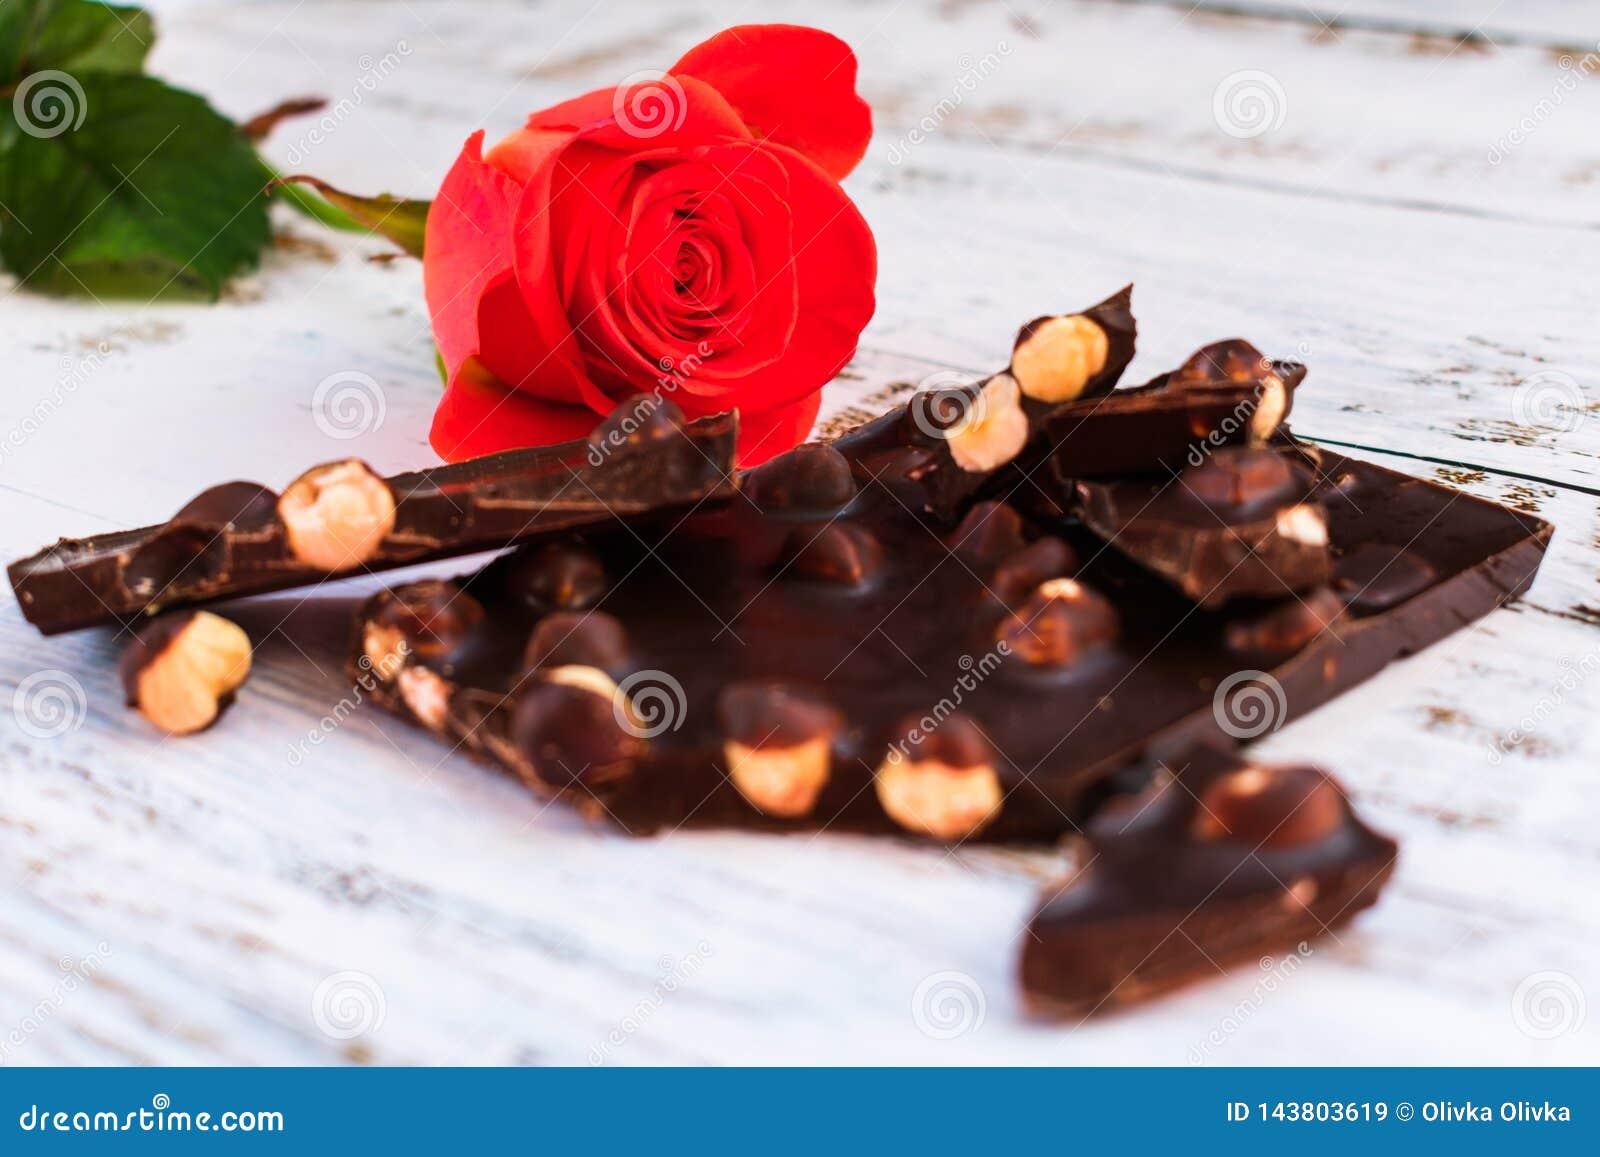 Rose rouge et chocolat noir avec des noisettes